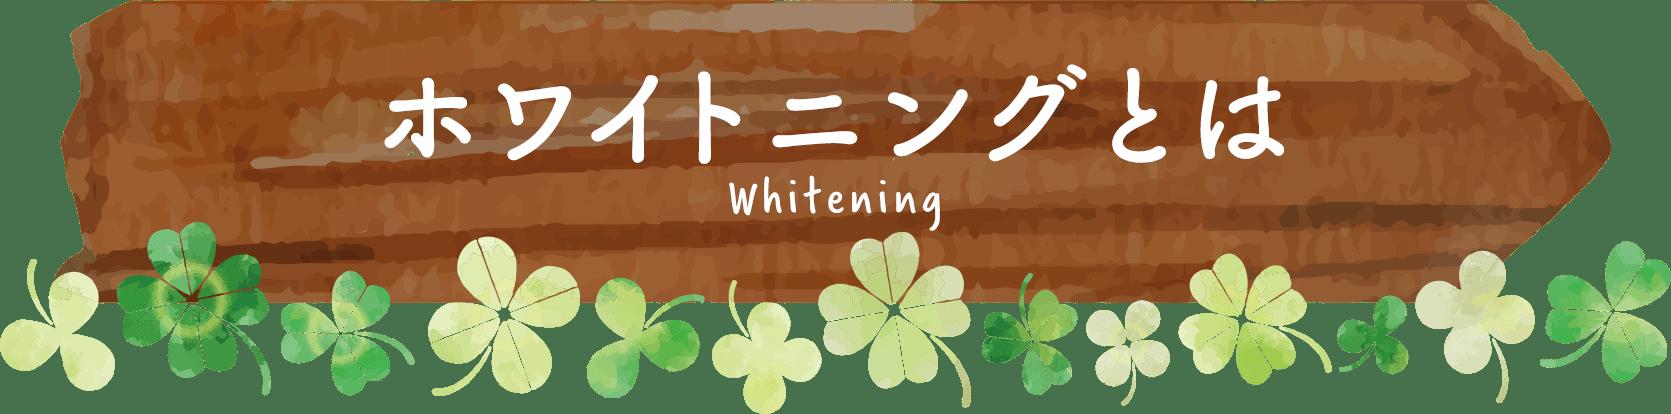 ホワイトニングとは